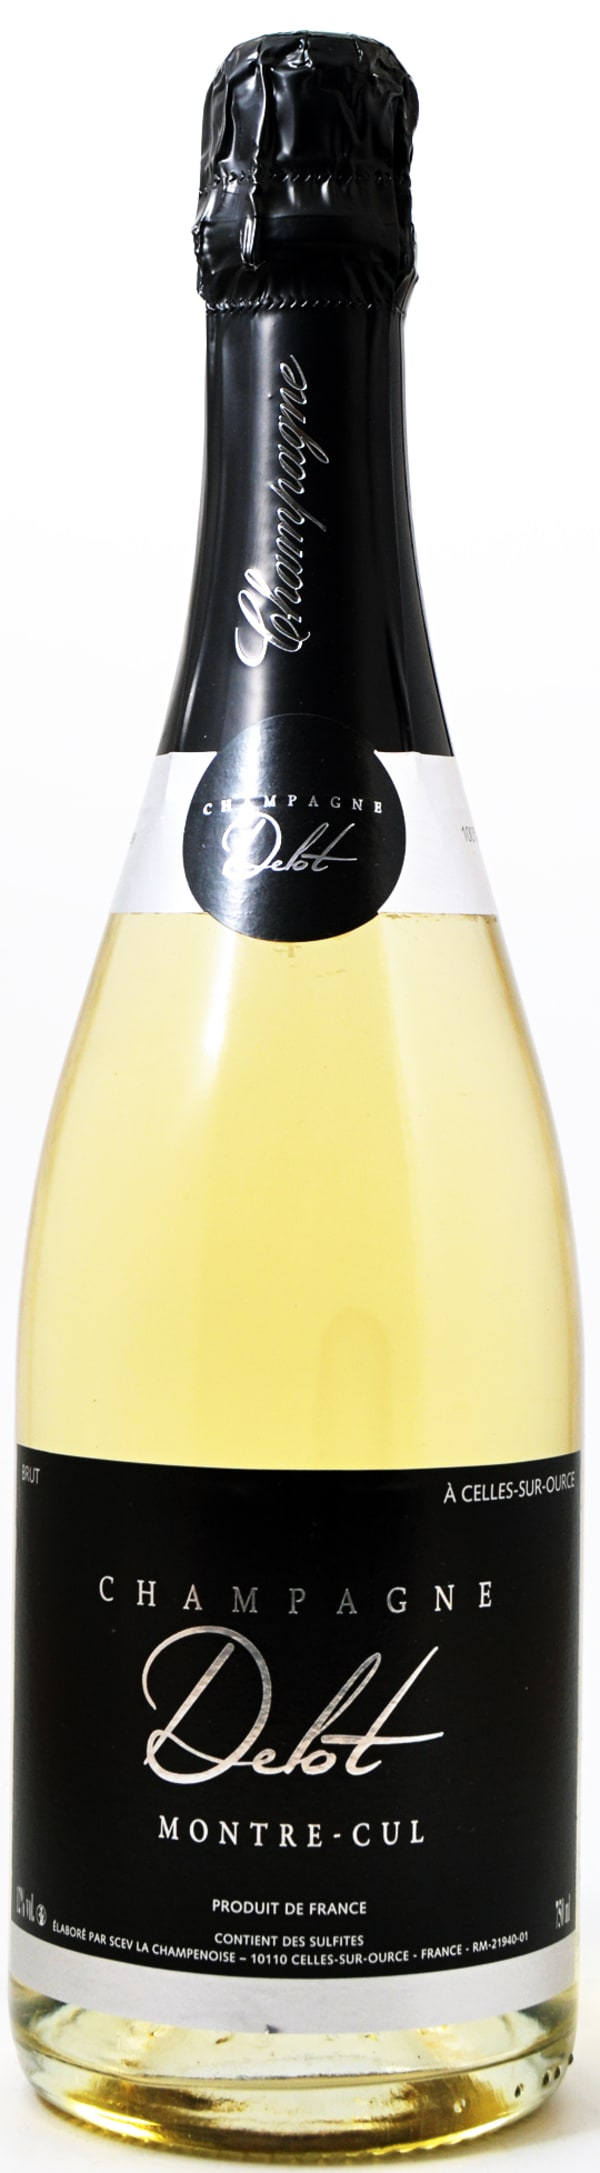 Delot Montre-Cul Champagne Brut